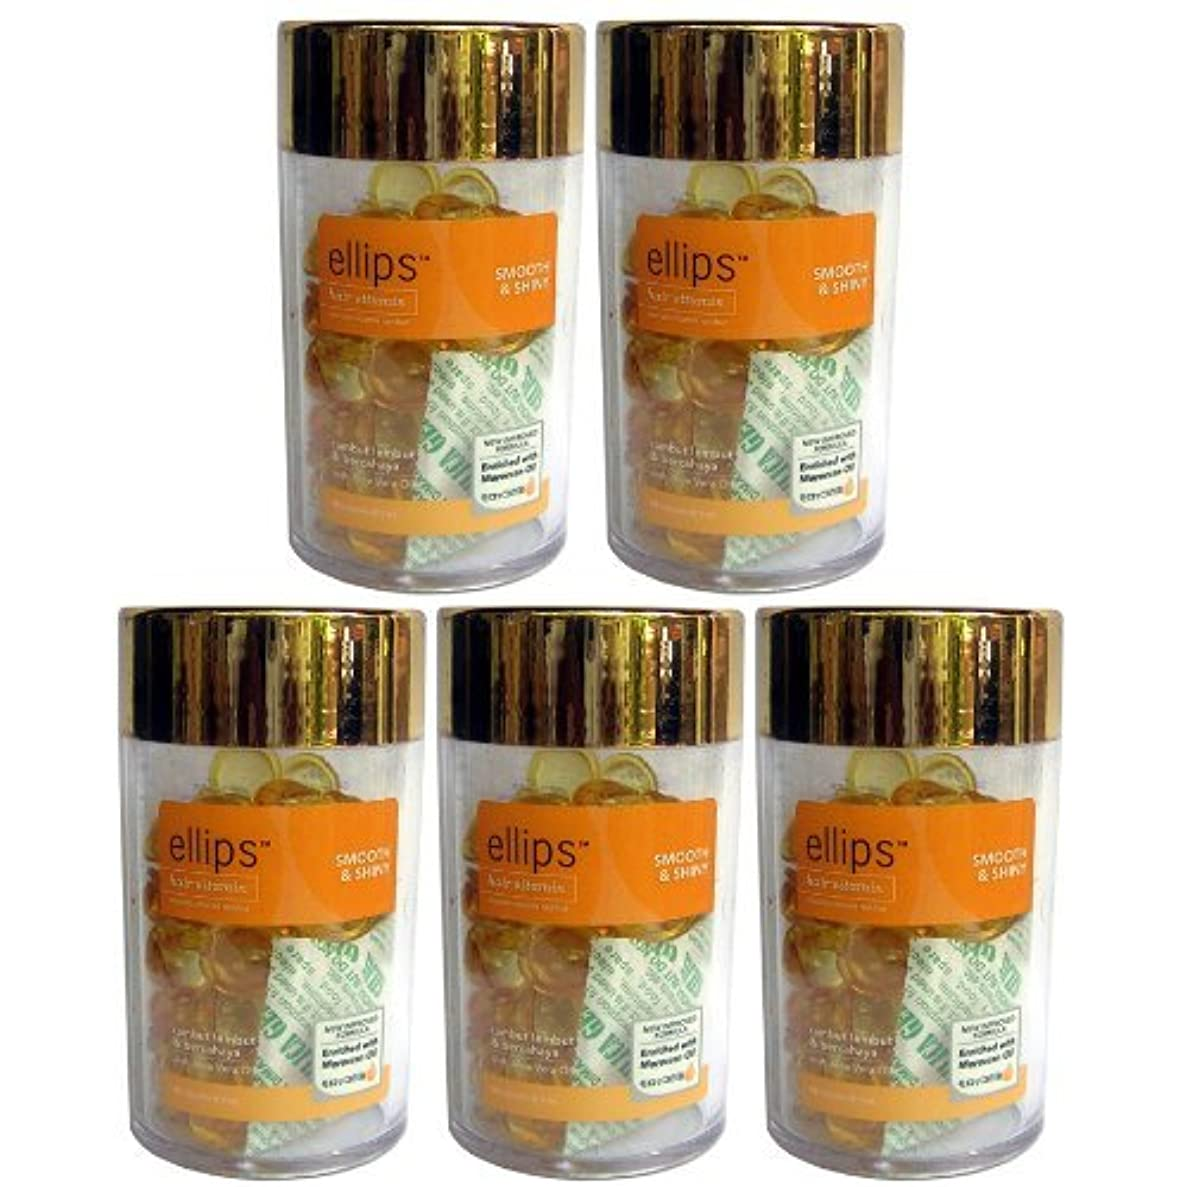 アンソロジー乗り出すボットEllips(エリプス)ヘアビタミン(50粒入)5個セット [並行輸入品][海外直送品] イエロー